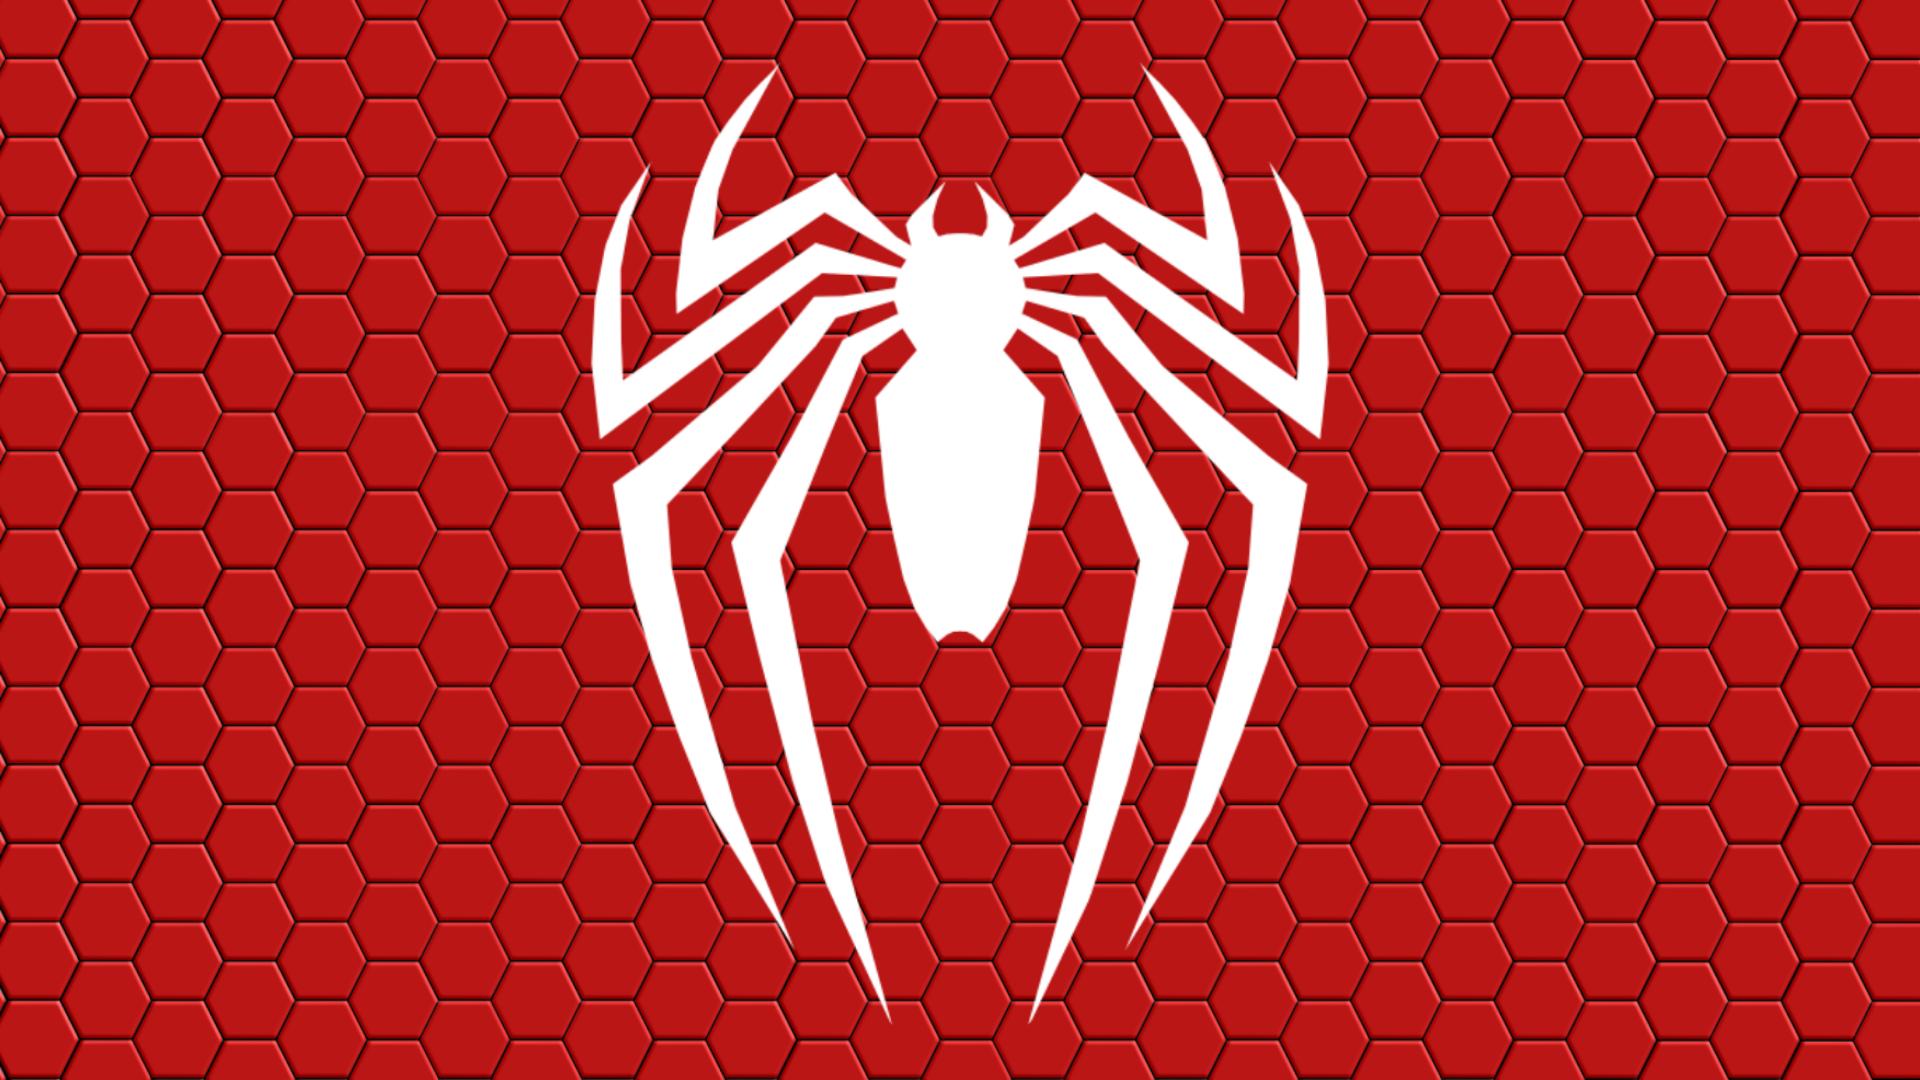 Spider Man Ps4 New Logo Wallpaper Fondo De Pantalla Hd